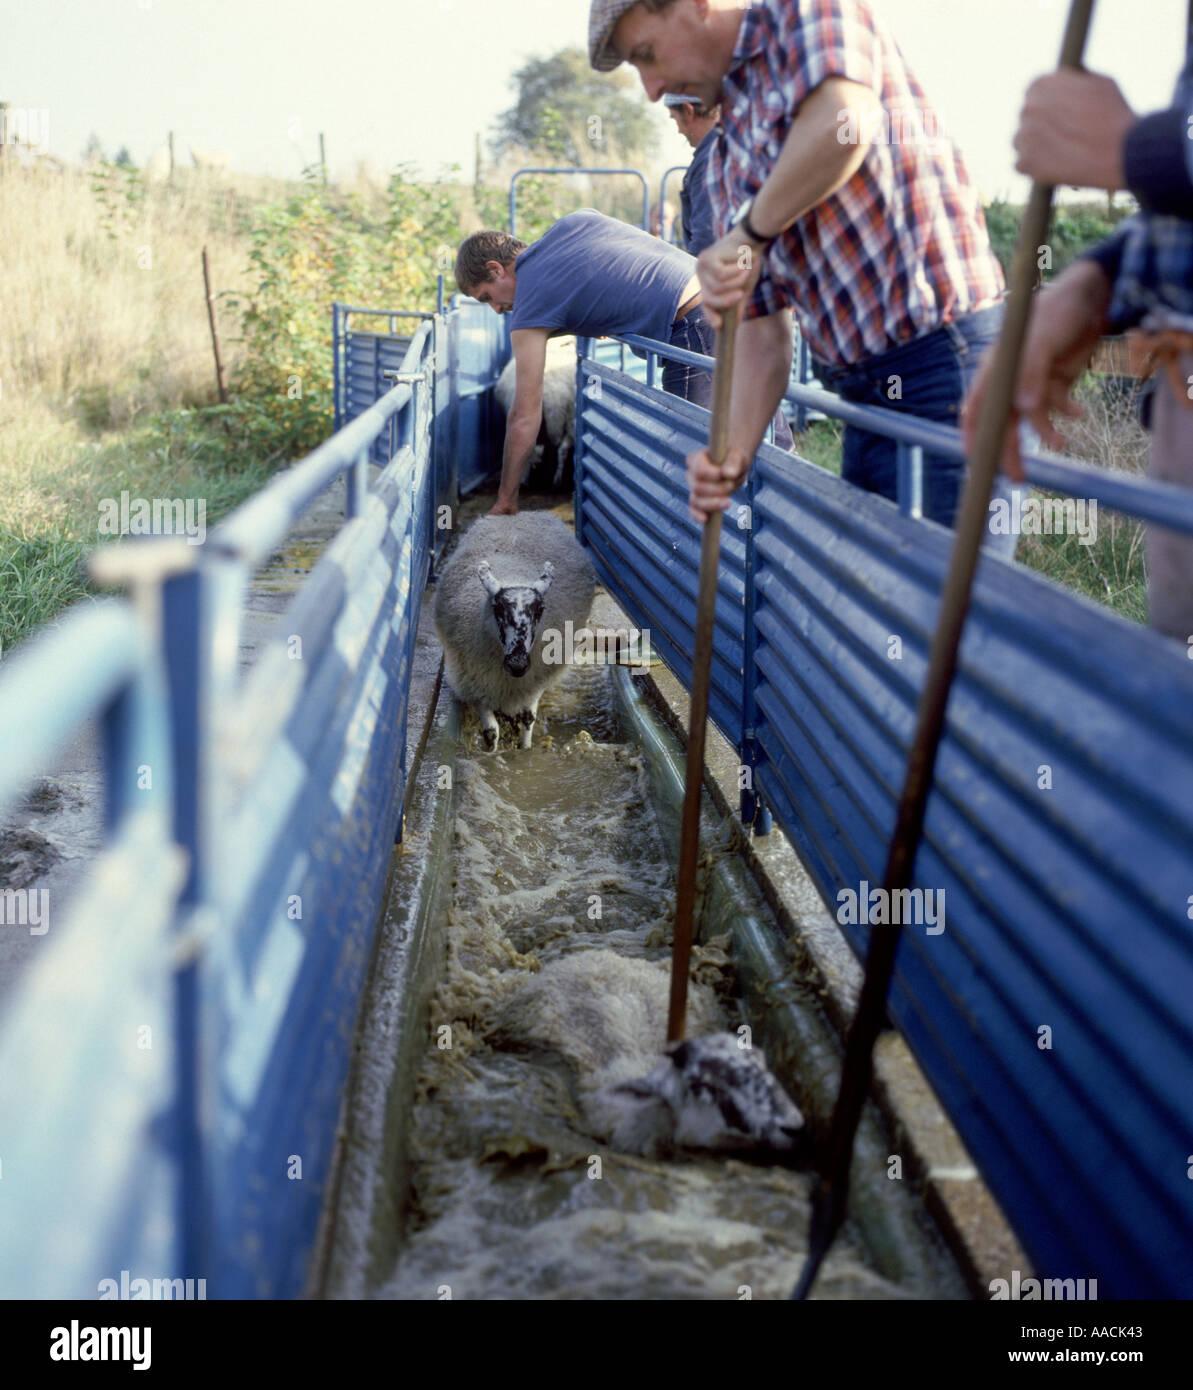 Poner a través de ovejas Ovejas dip para proteger contra ectoparásitos como piojos y sarna Imagen De Stock